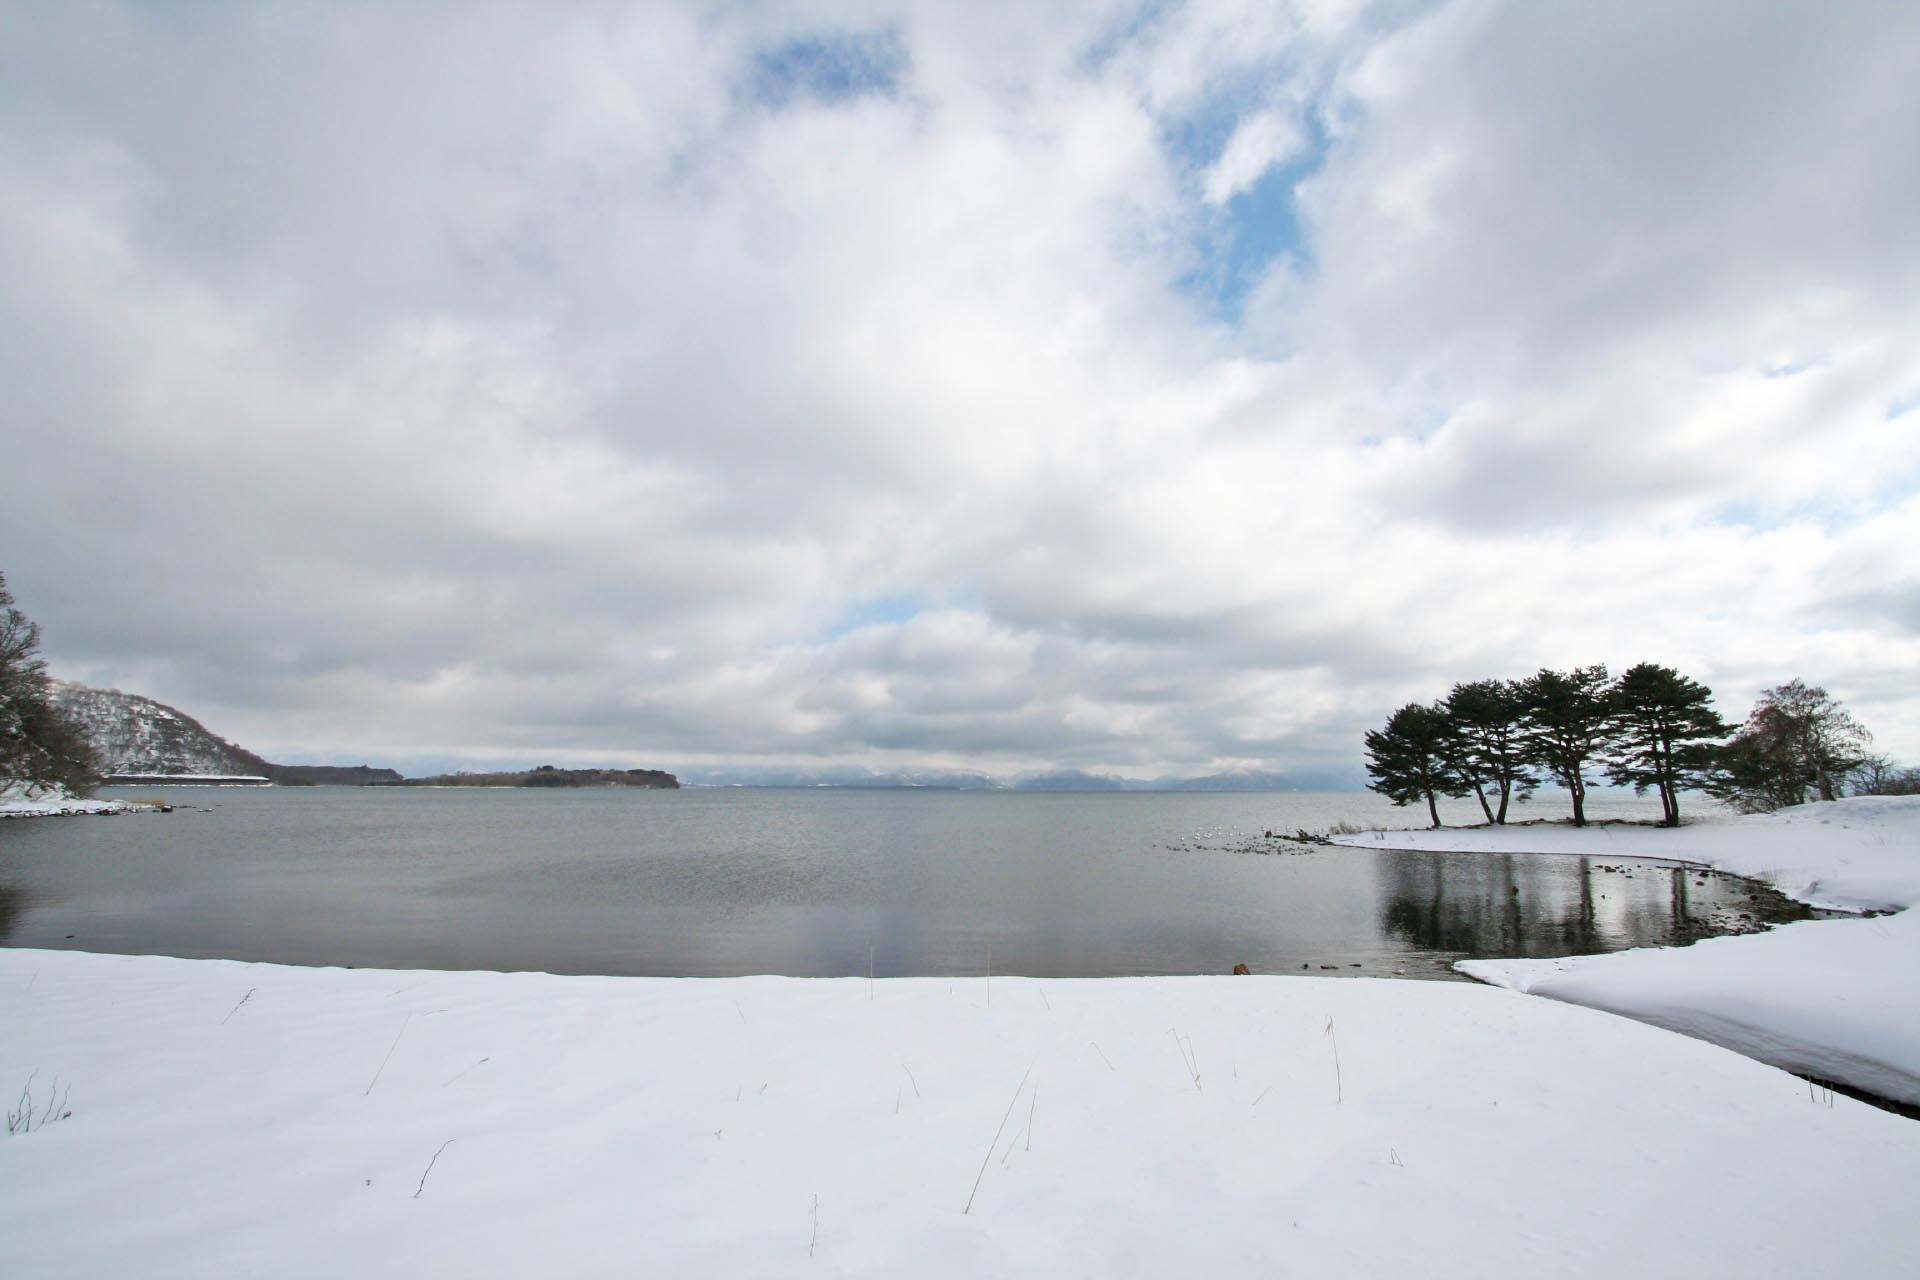 冬の猪苗代湖 福島の風景